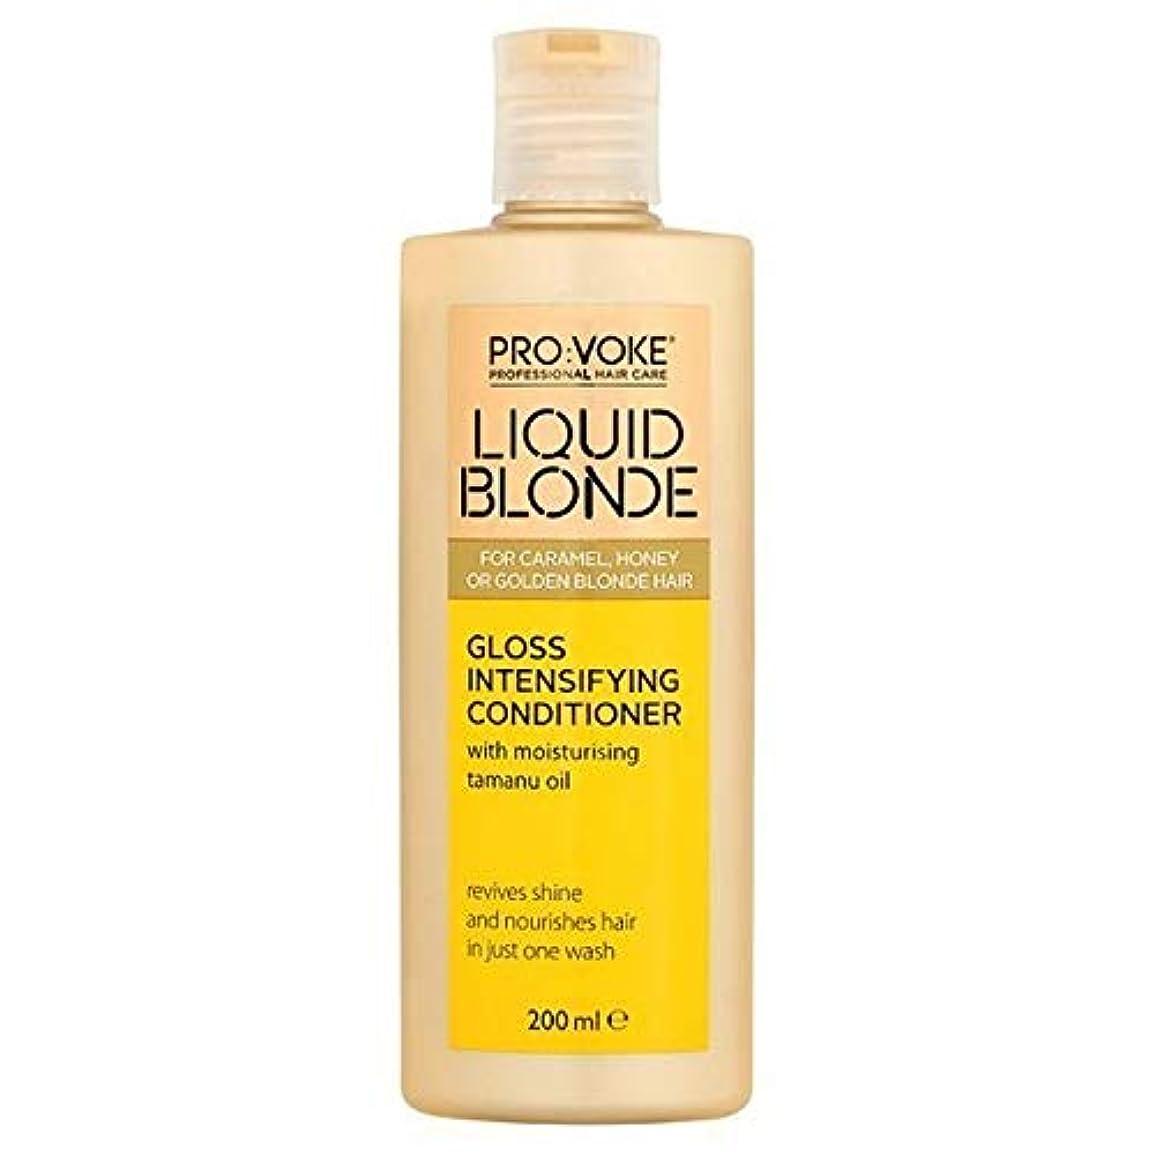 マーケティング流暢冊子[Pro:Voke] プロ:Voke液体ブロンド強烈な輝きコンディショナー - PRO:VOKE Liquid Blonde Intense Shine Conditioner [並行輸入品]